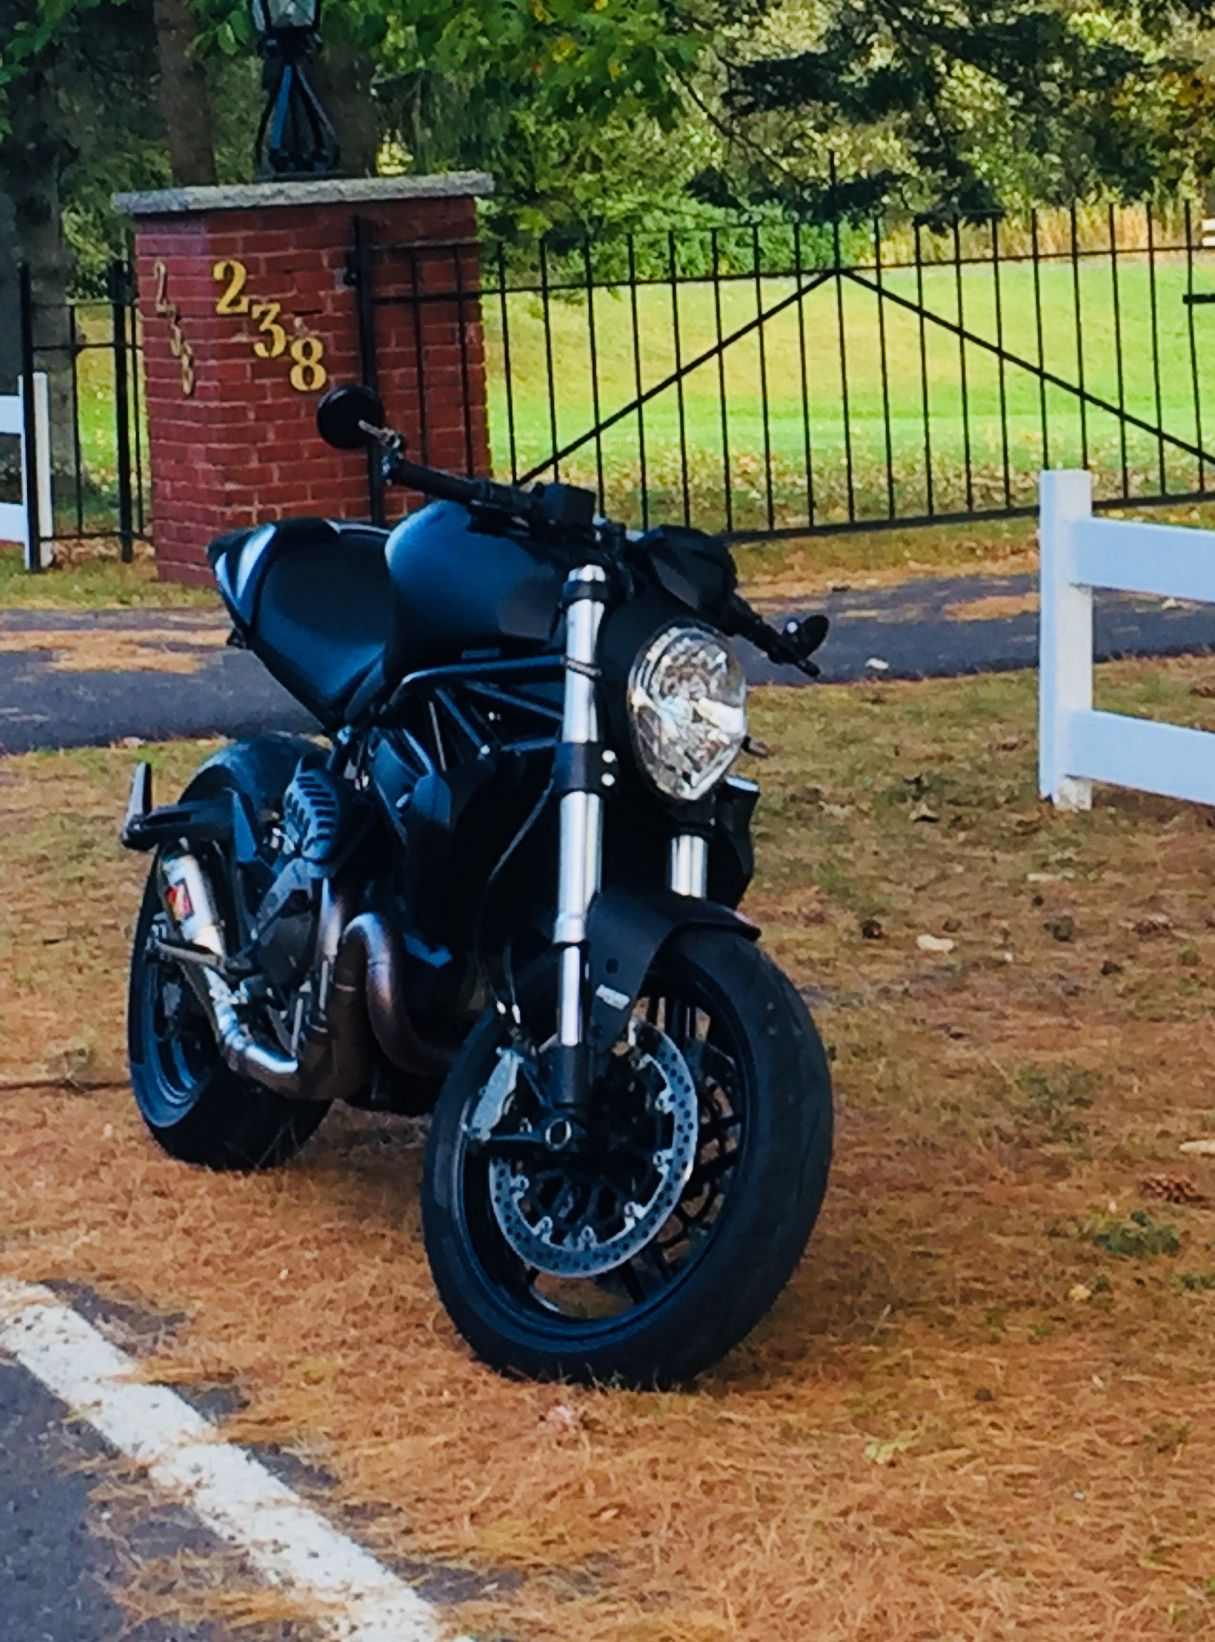 Ducati Monster 821 Custom